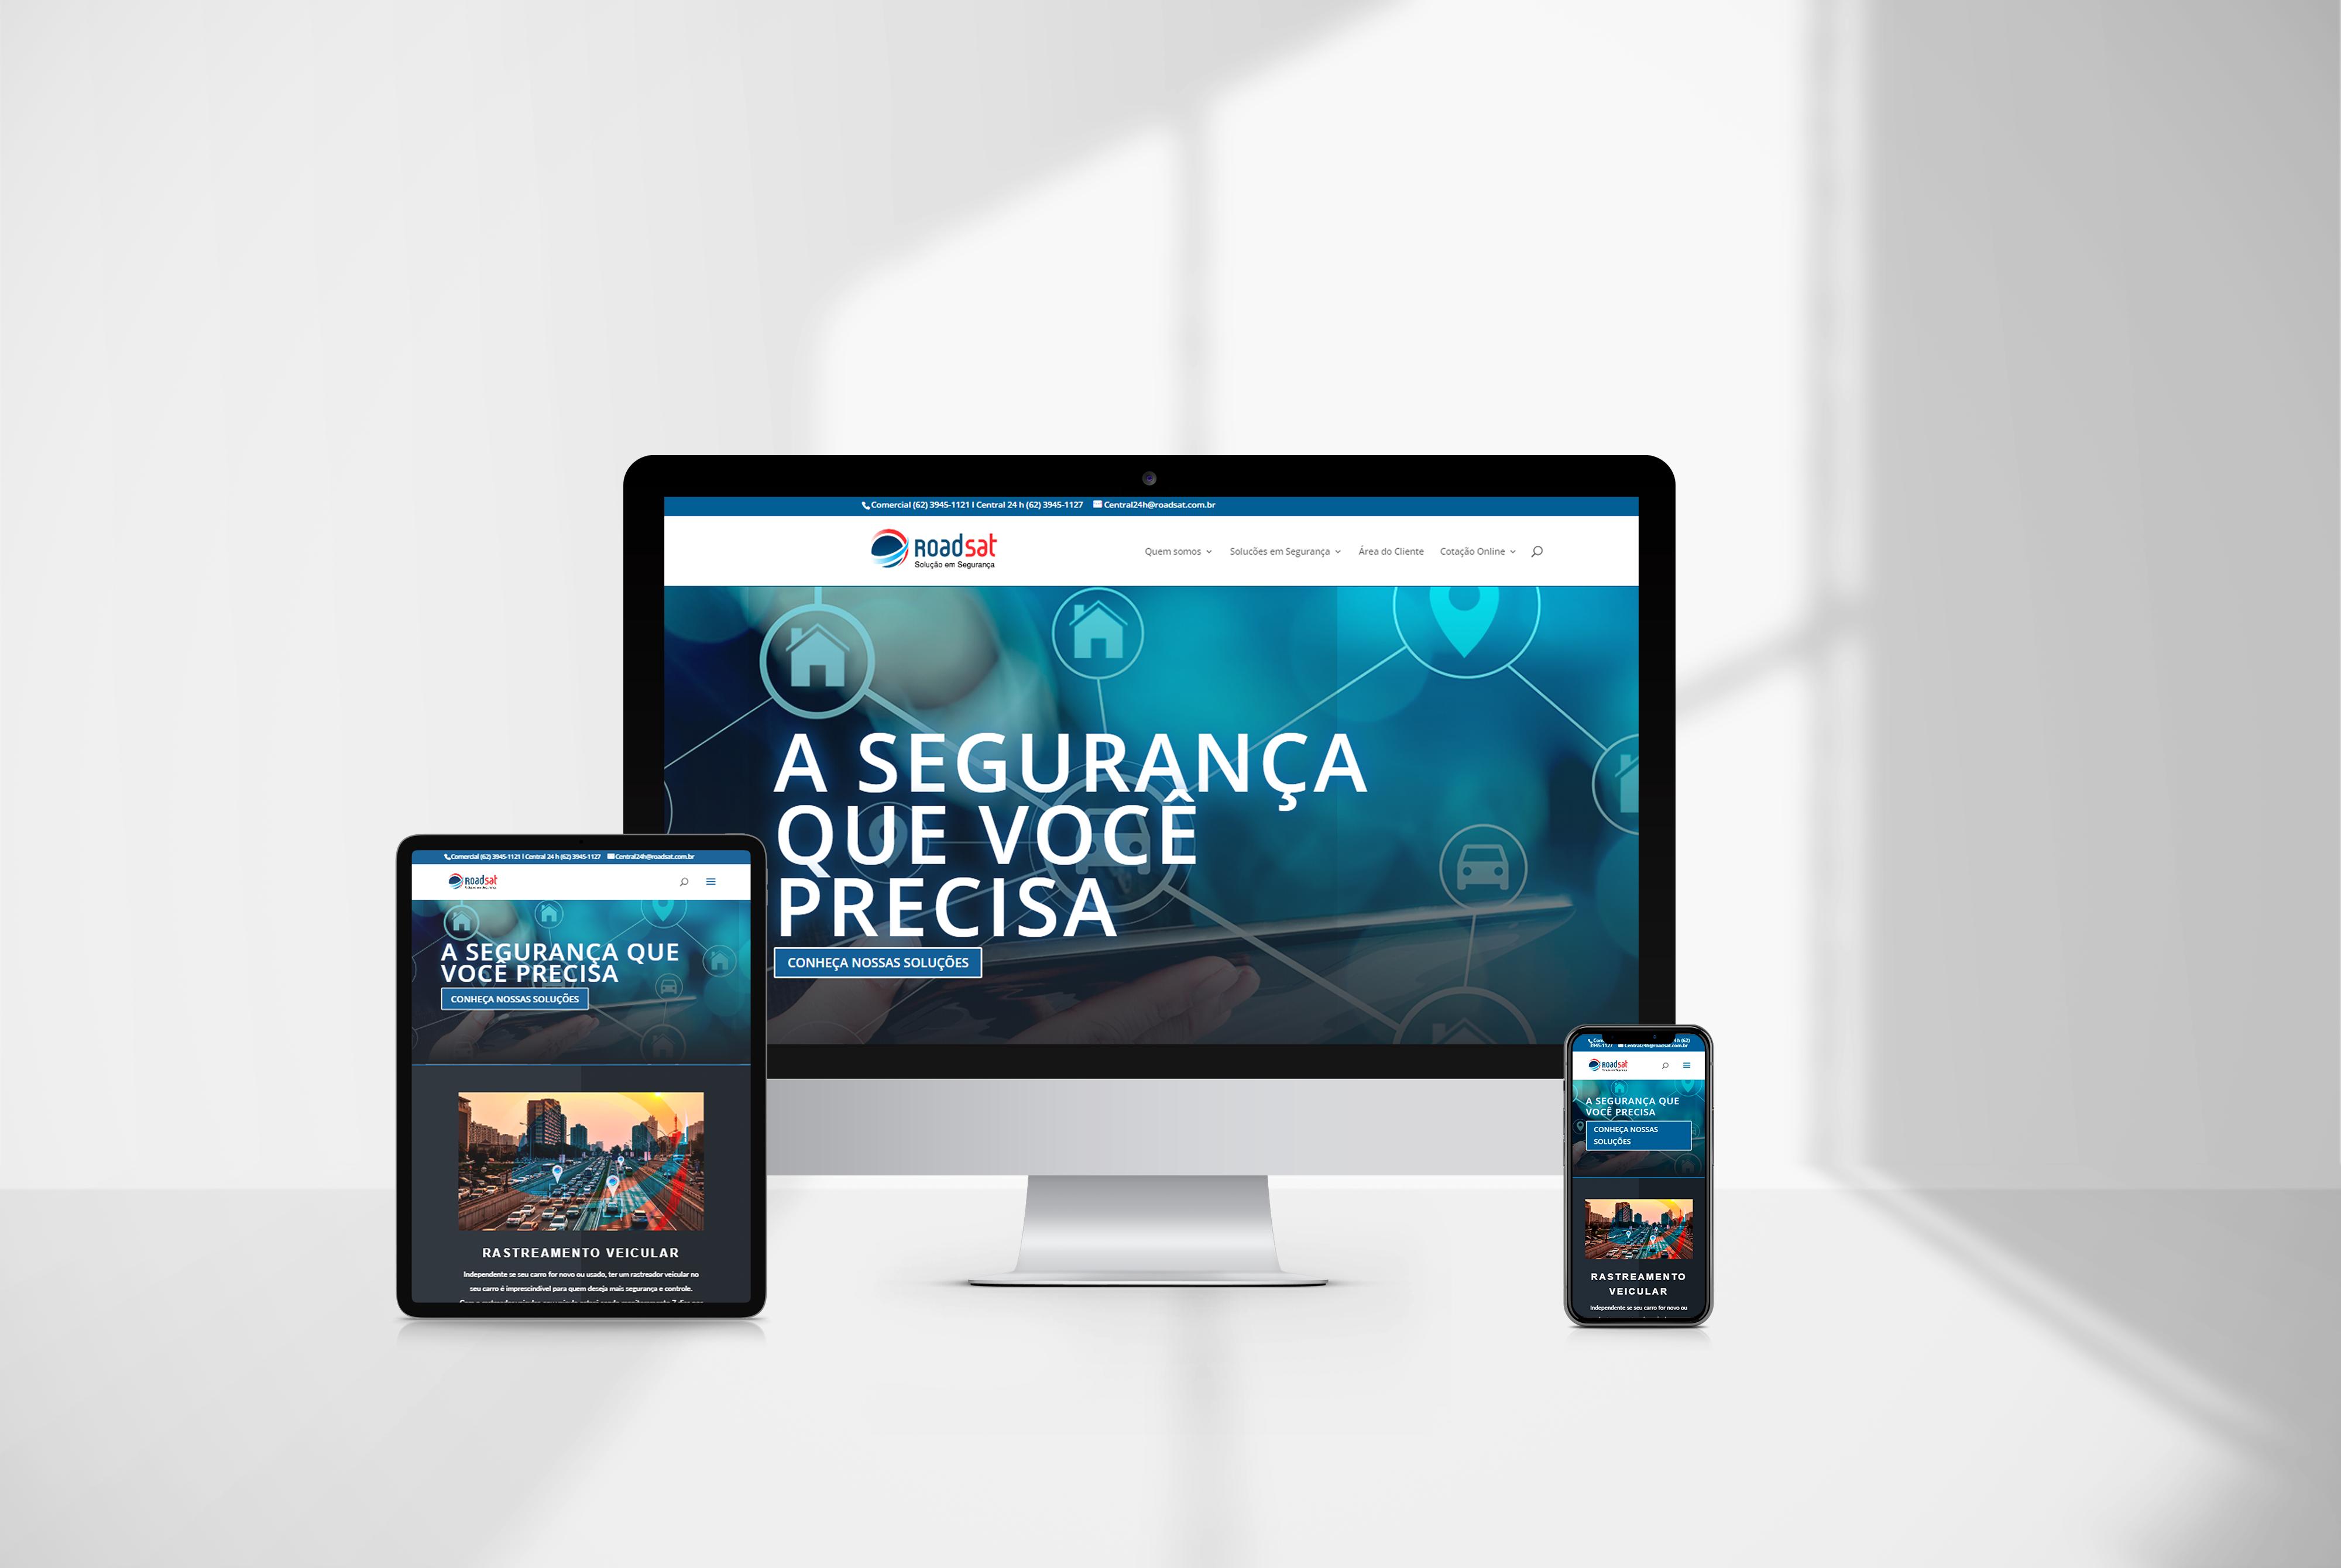 criacao de site Roadsat agencia de marketing digital casanova digital